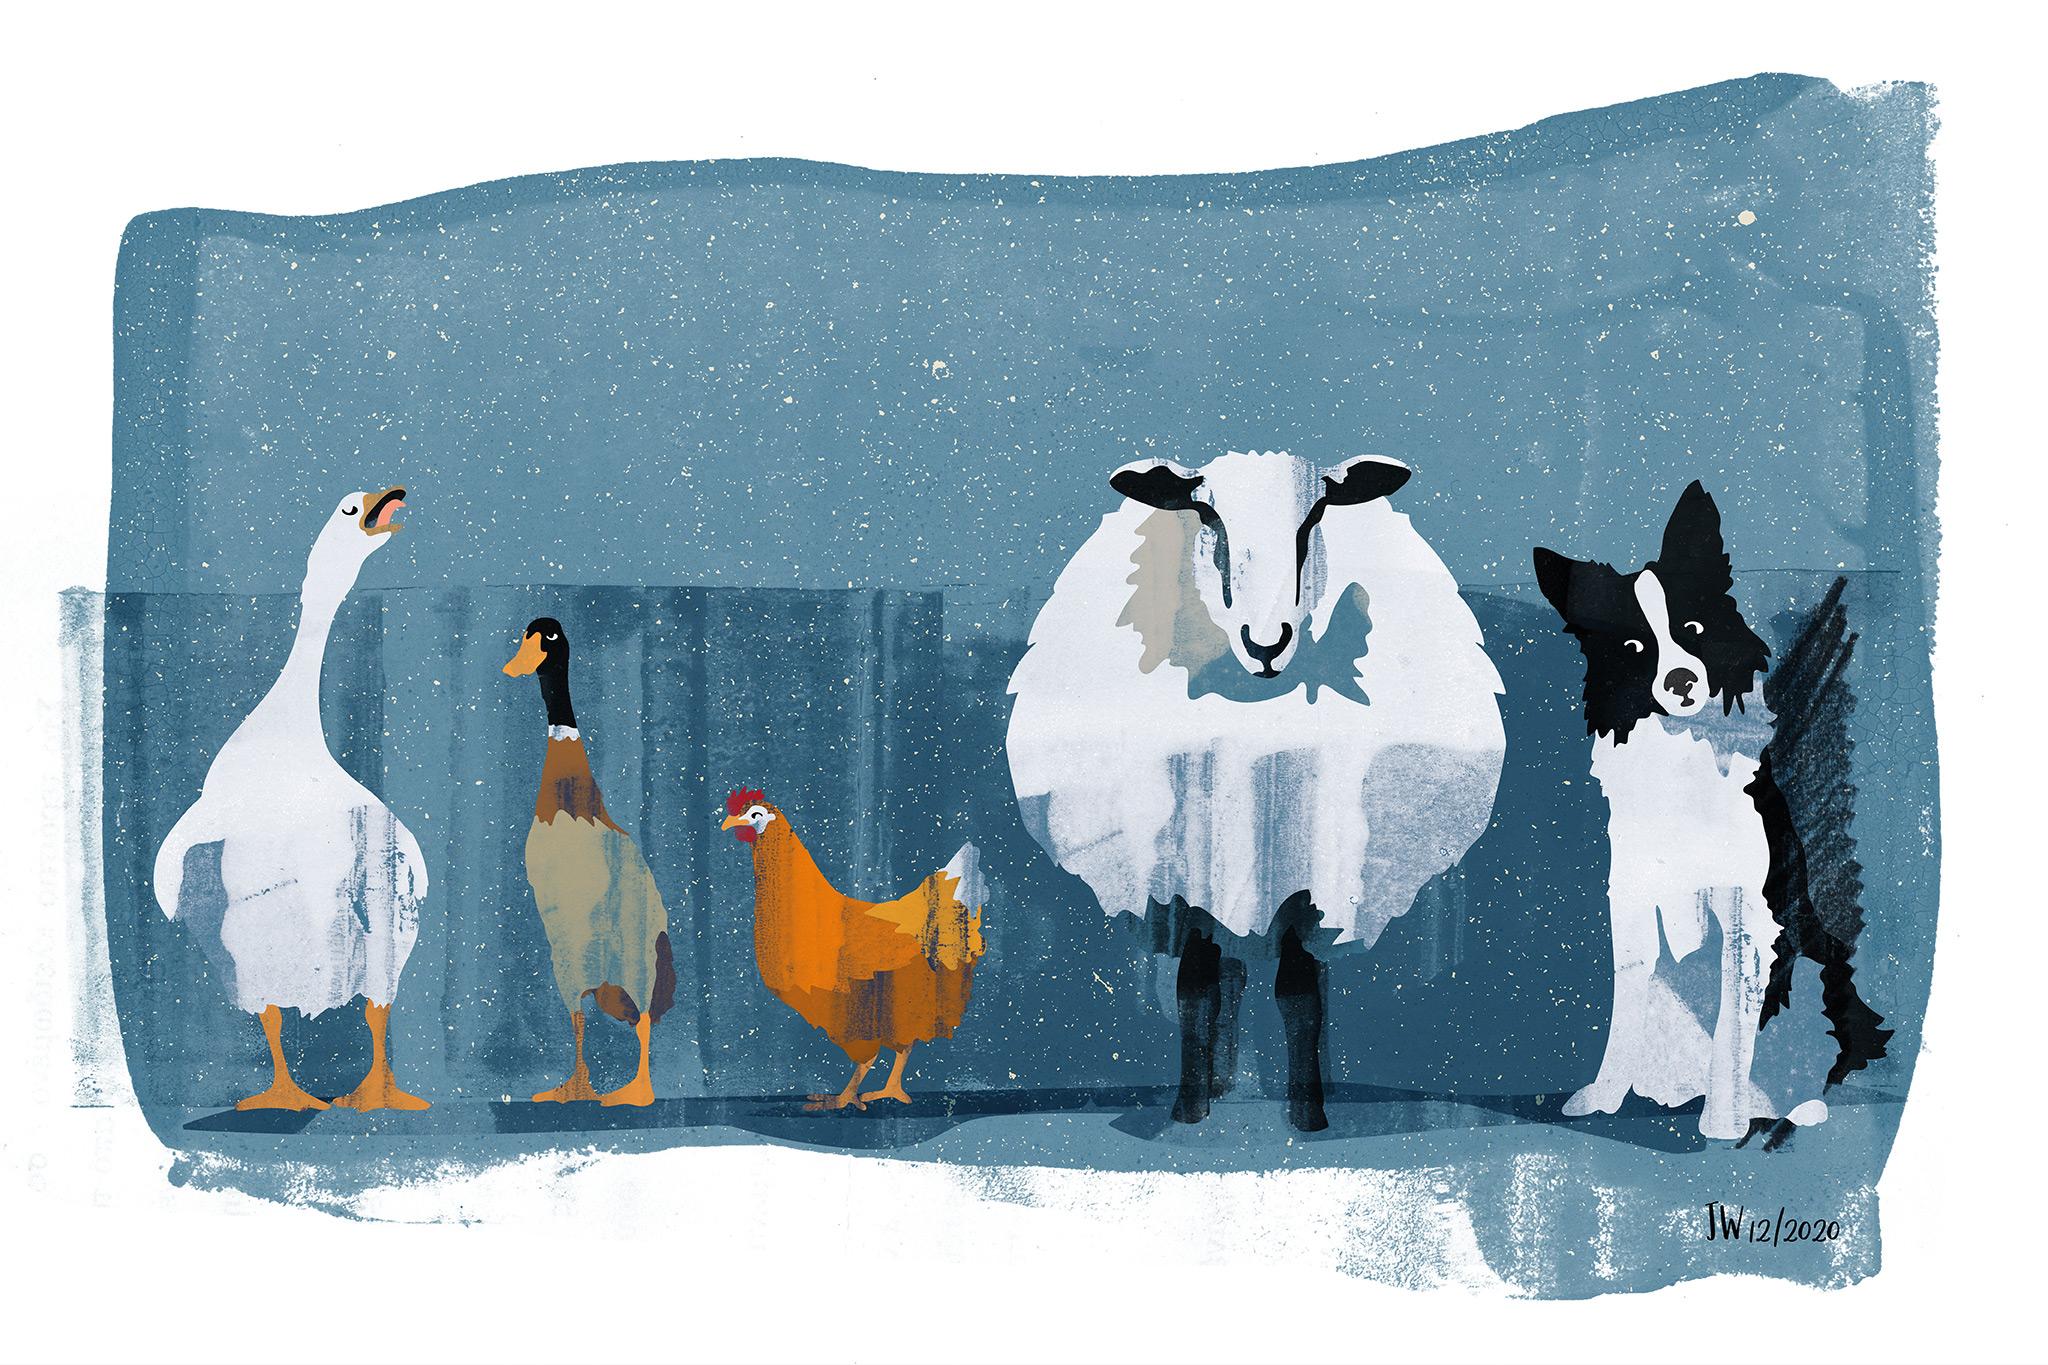 Border Collie Weihnachtsgeschichte, Illustration